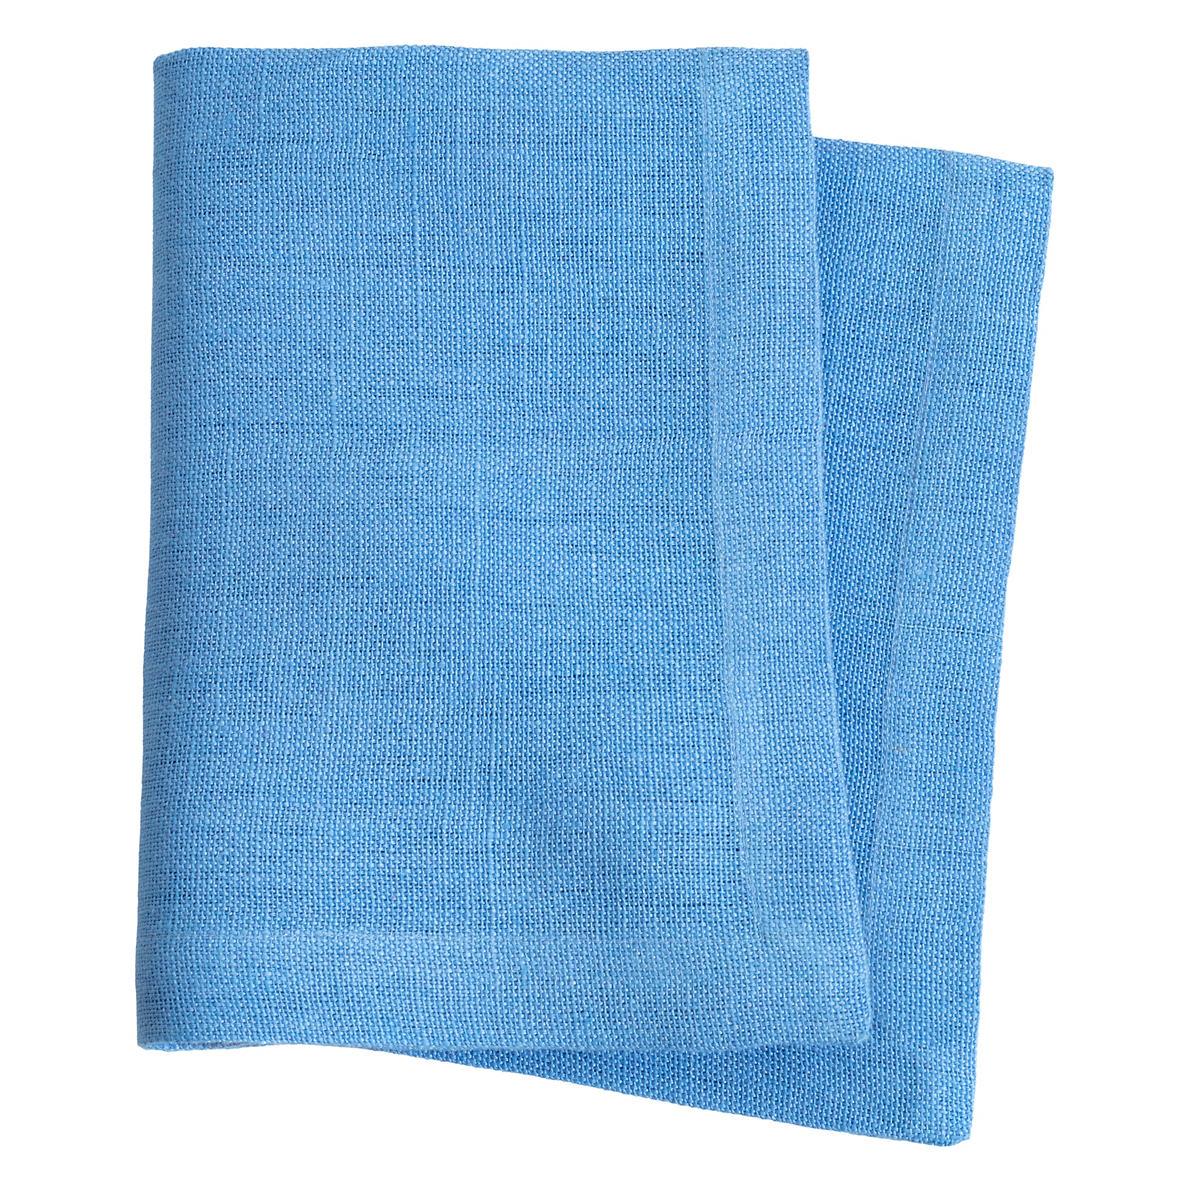 Stone Washed Linen French Blue Napkin Set Of 4